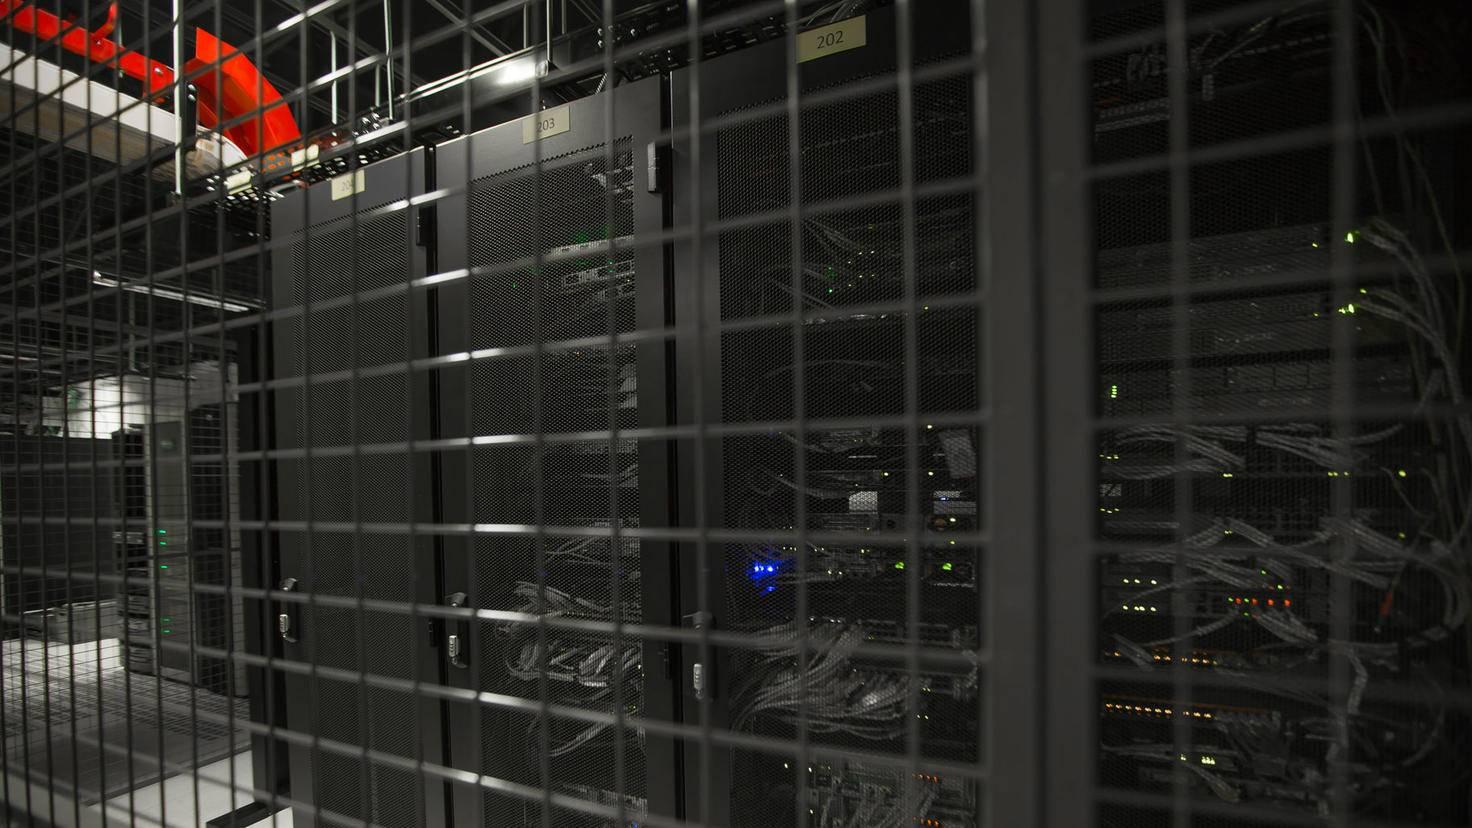 Stehen unsere Computer zukünftig alle in einem Rechenzentrum und nicht zuhause?